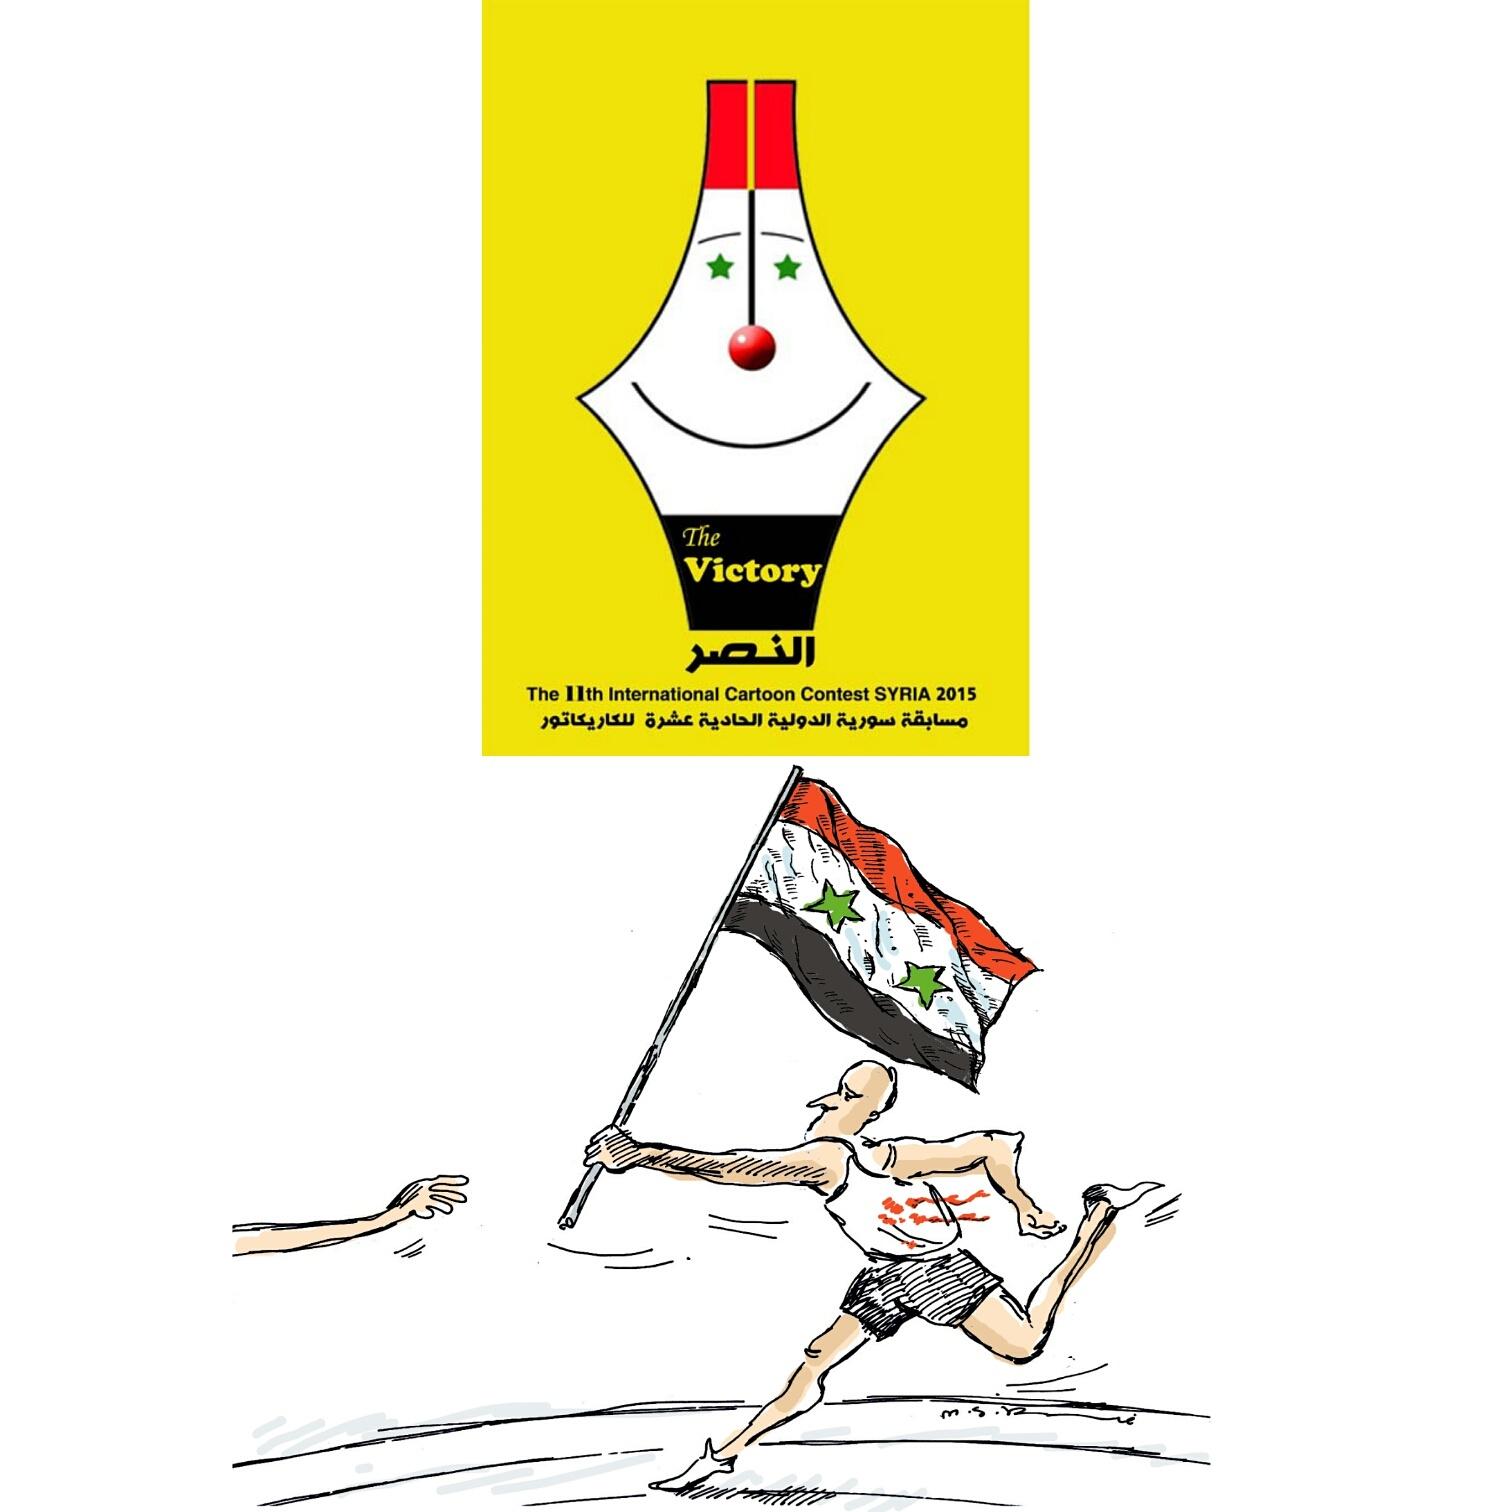 رتبه سوم جشنواره بینالمللی سوریه به کارتونیست کرمانی رسید